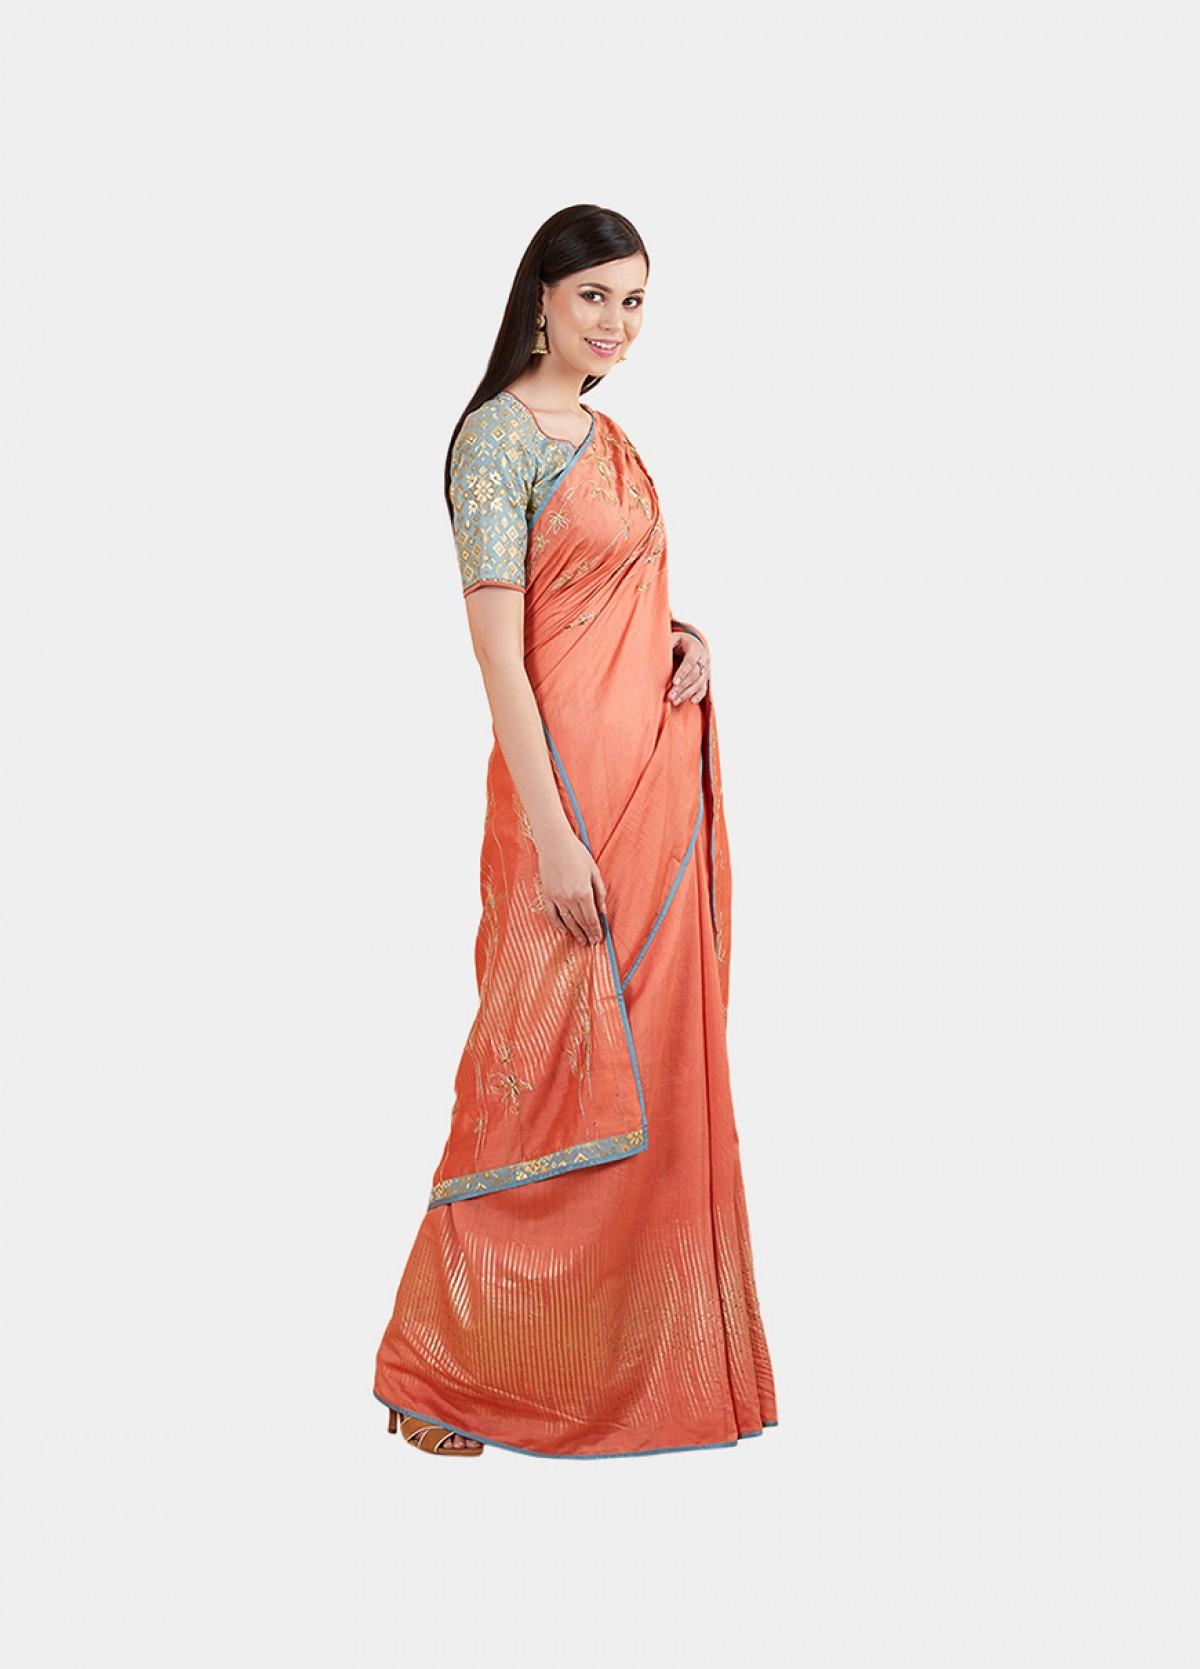 The Spice Trail Sari